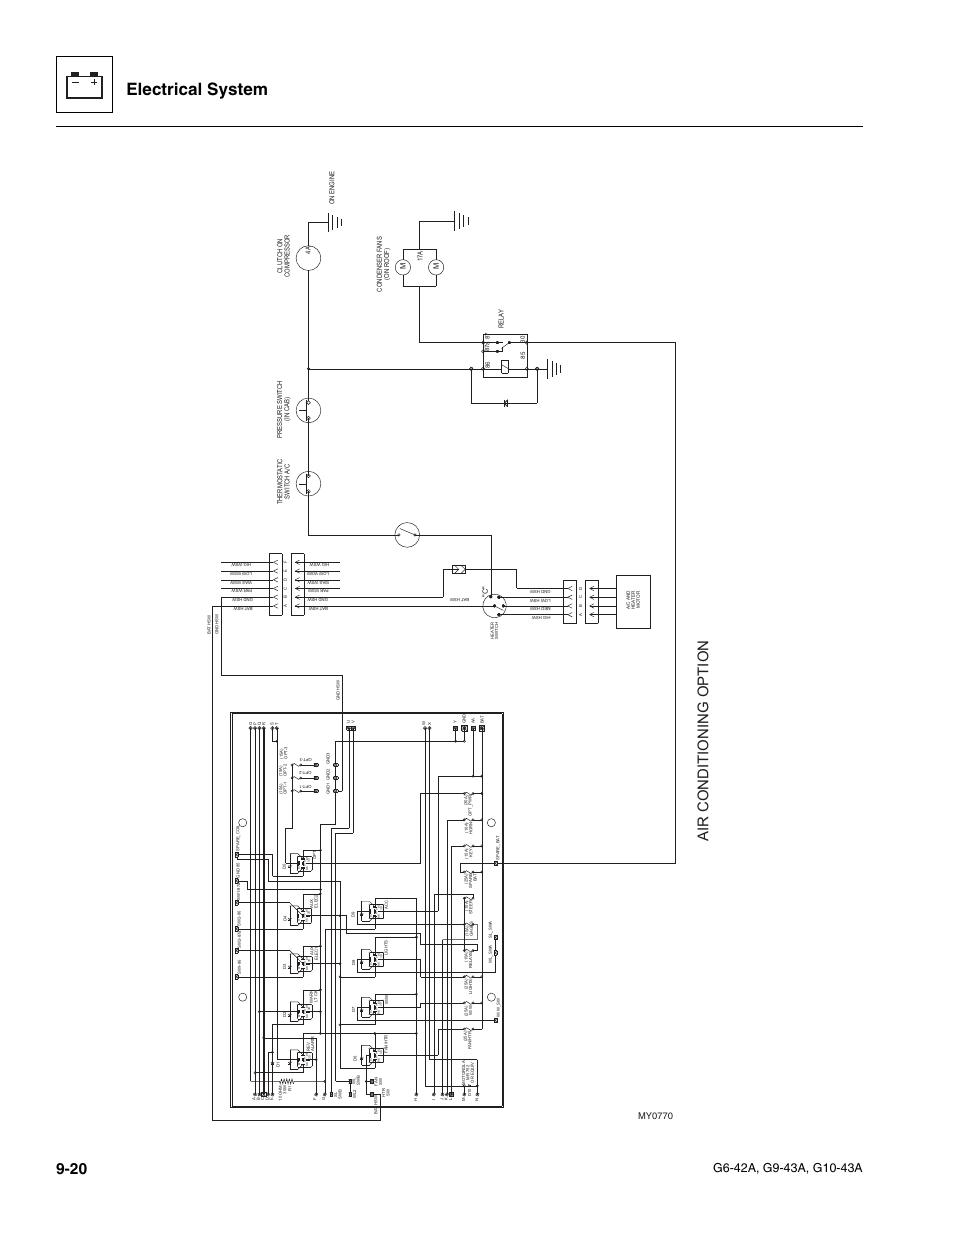 astec wiring diagram schematic diagram